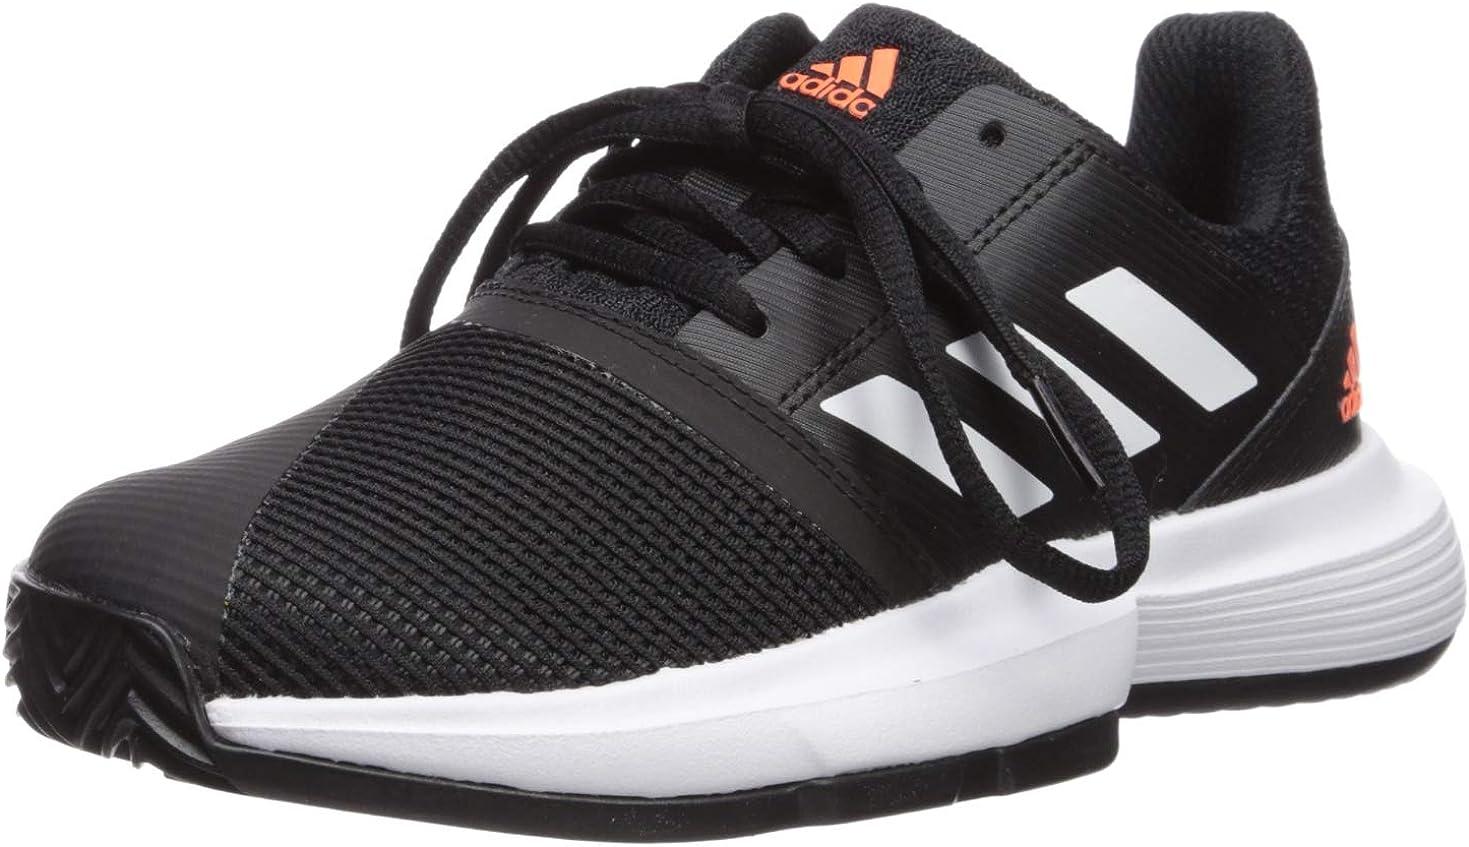 adidas Unisex-Child Solecourt Tennis Shoe